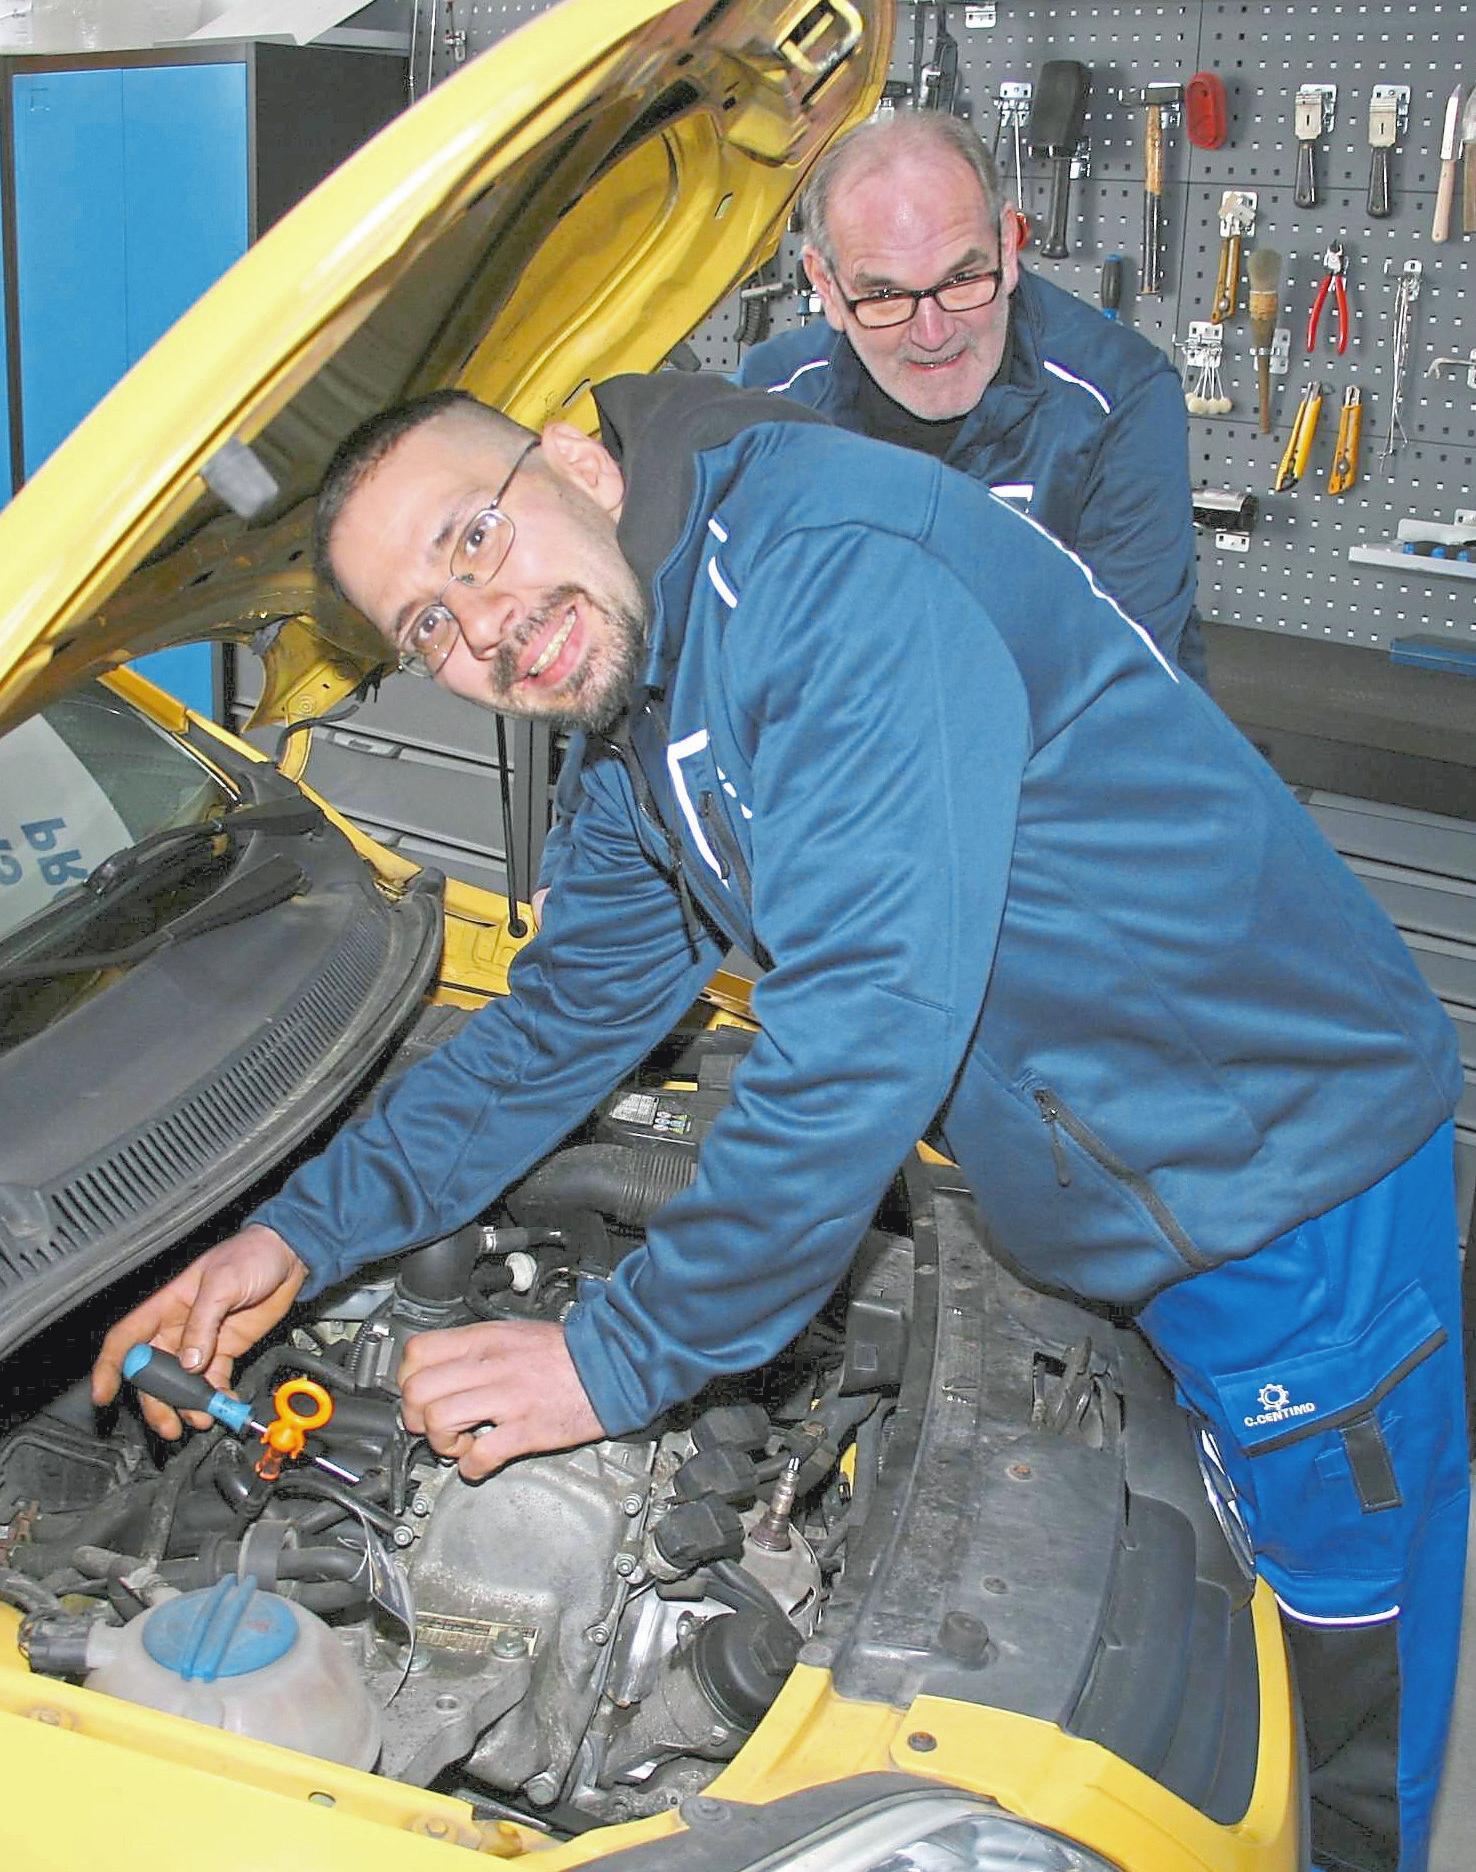 Motoren sind ihre Leidenschaft: Oliver Nienhaber (vorne) und Hartmut Walter sind KFZ-Profis.